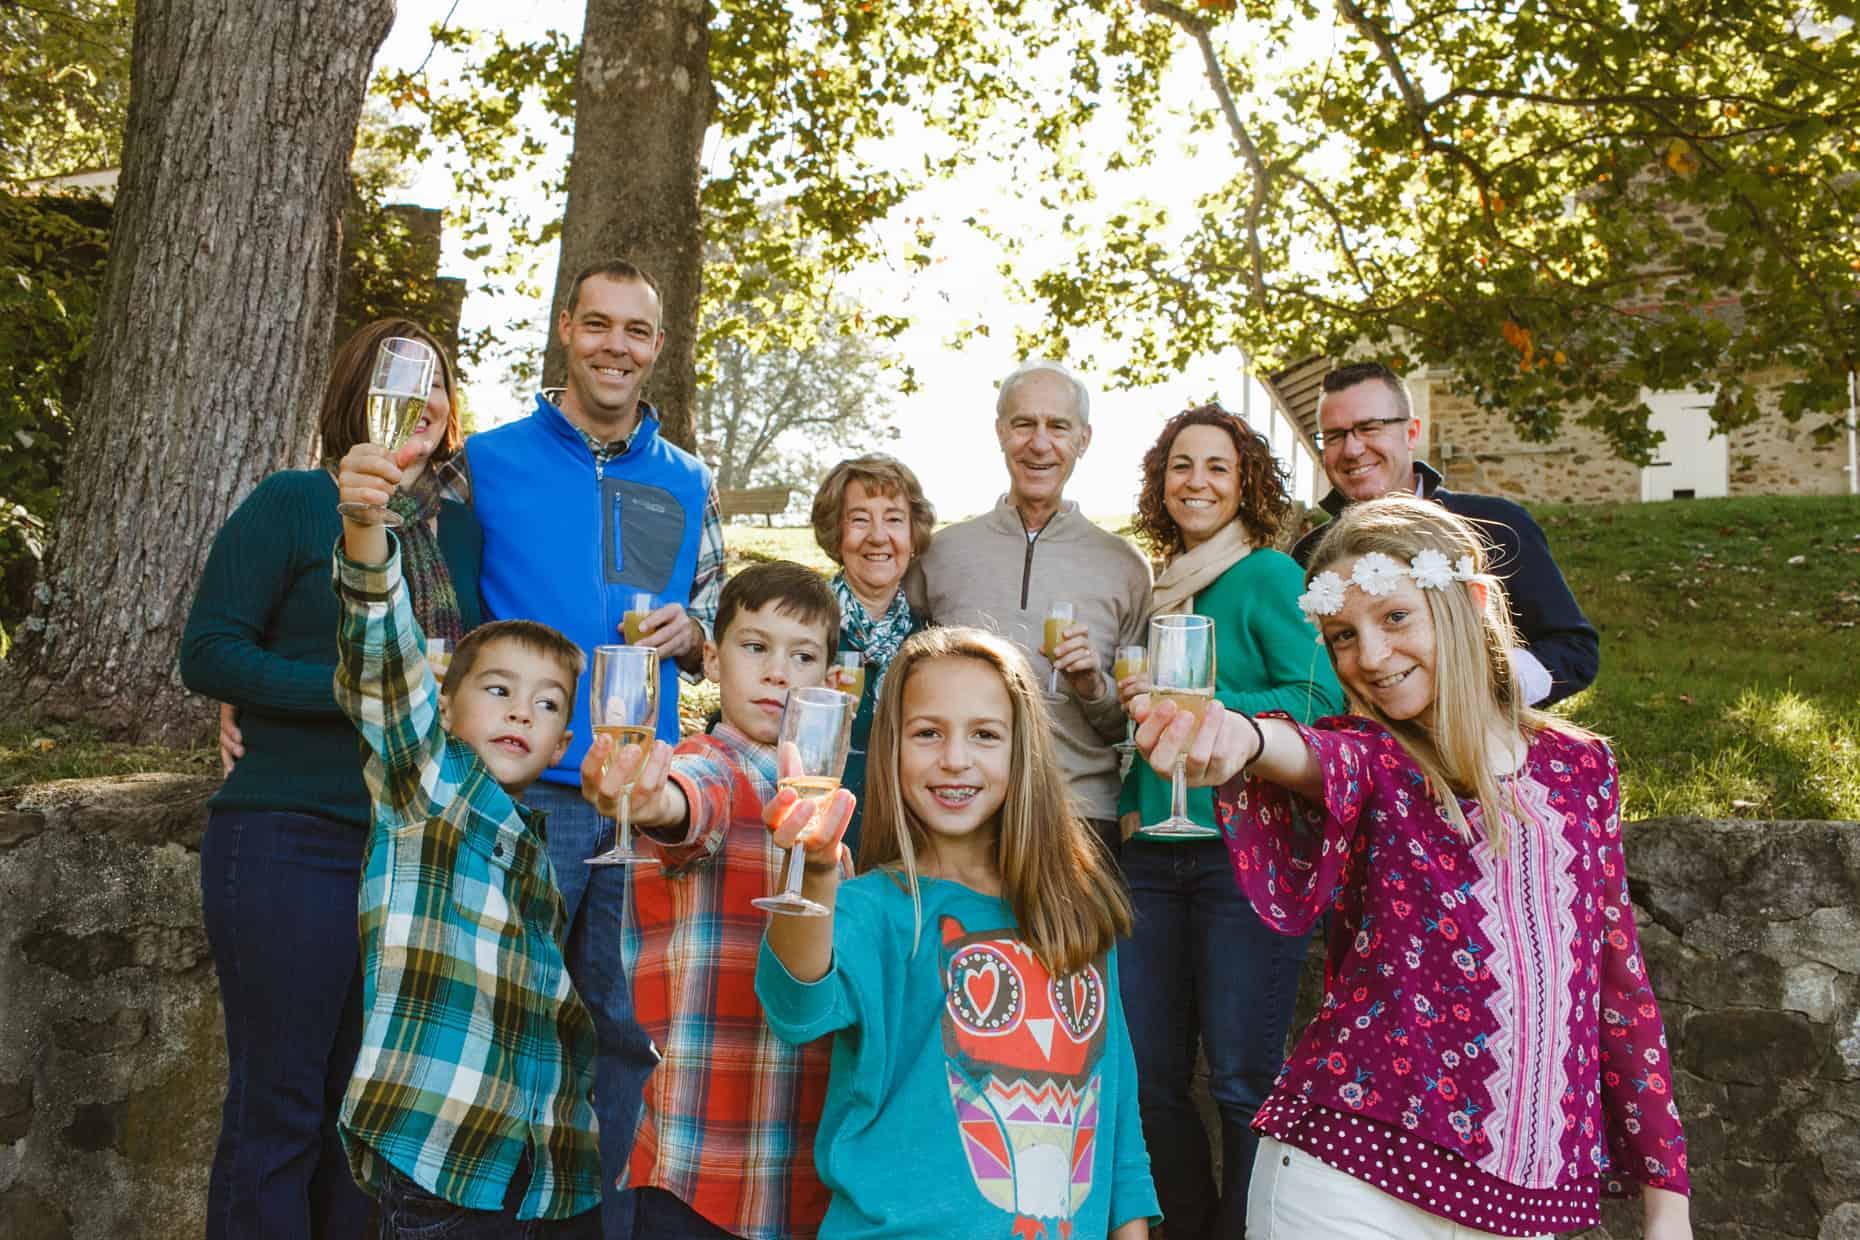 Audubon Family Photographers